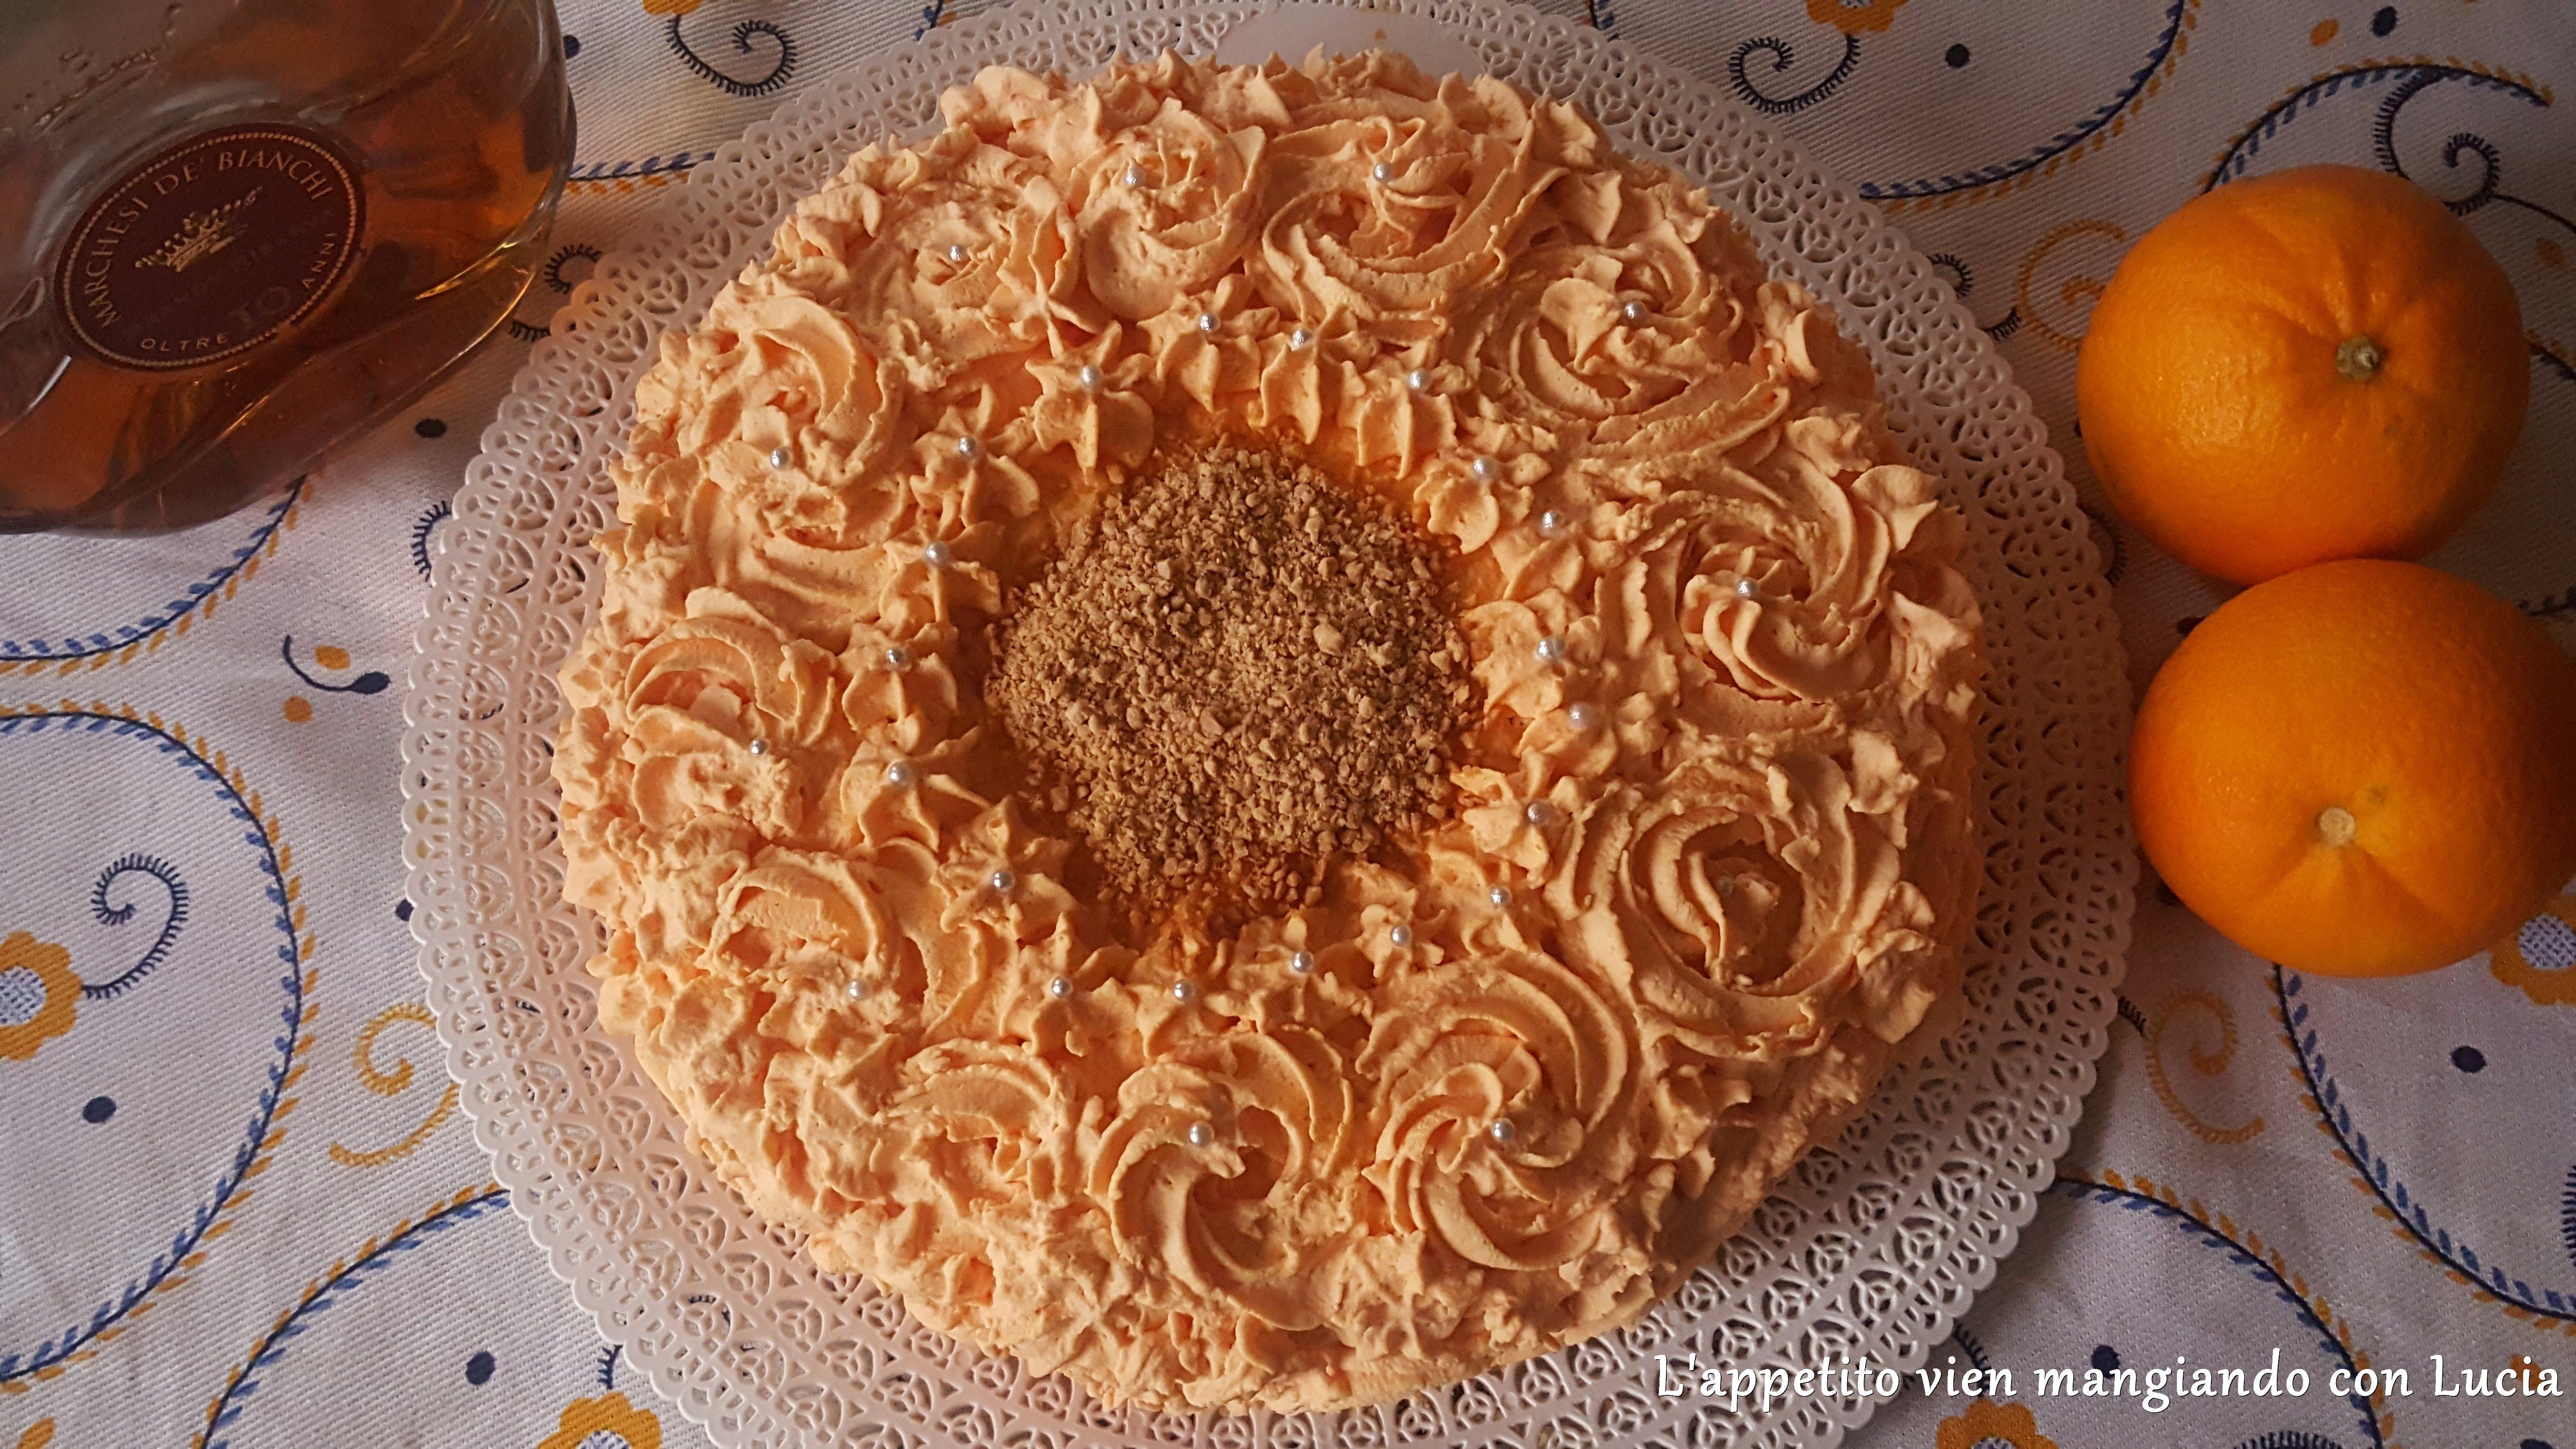 Torta farcita con crema all 39 arancia senza glutine l - Differenza panna da cucina e panna fresca ...